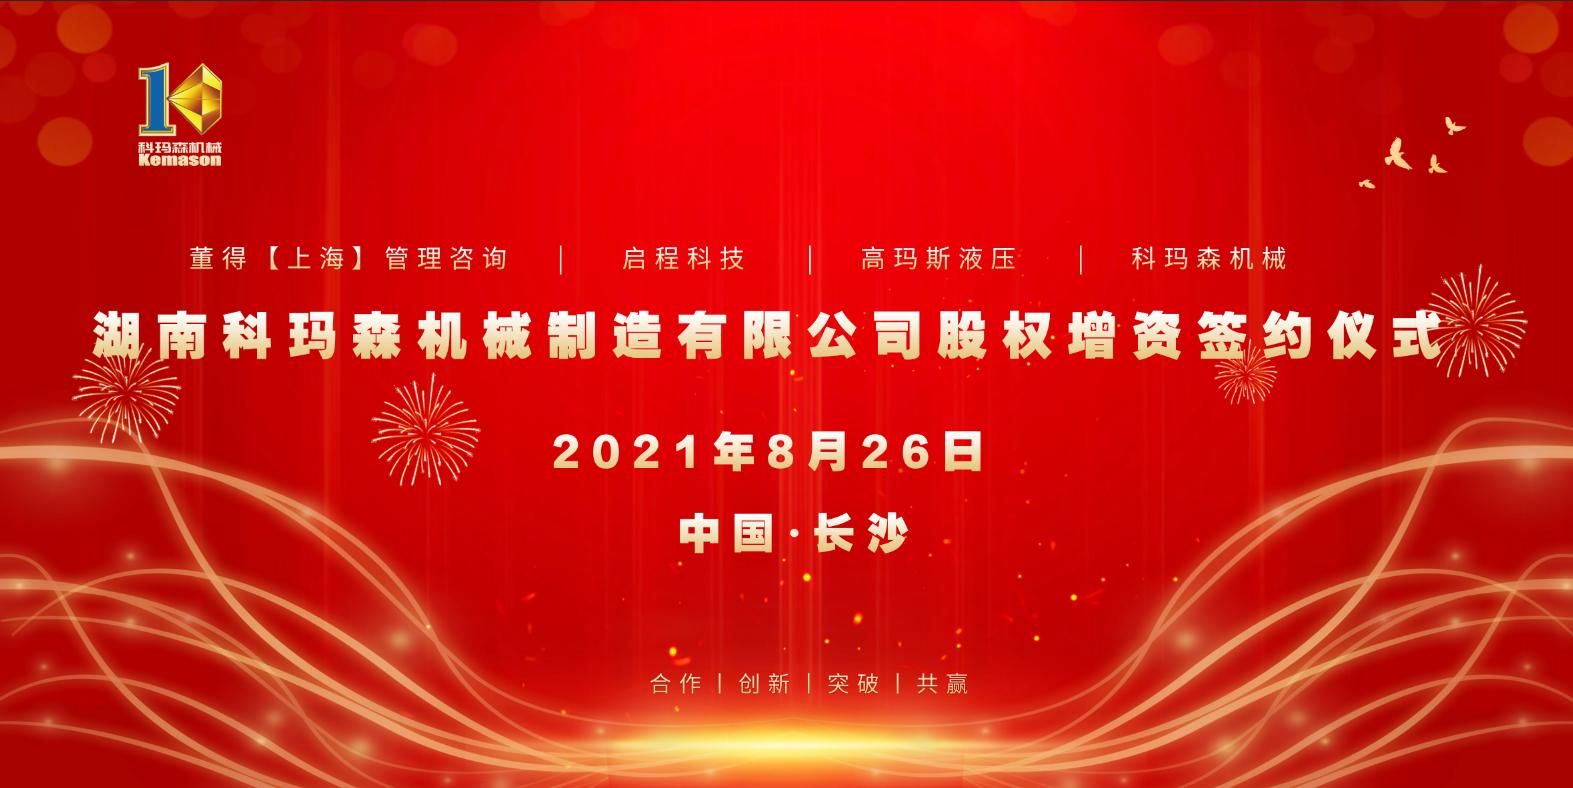 热烈祝贺2021鸿运国际股权增资签约仪式圆满完成!